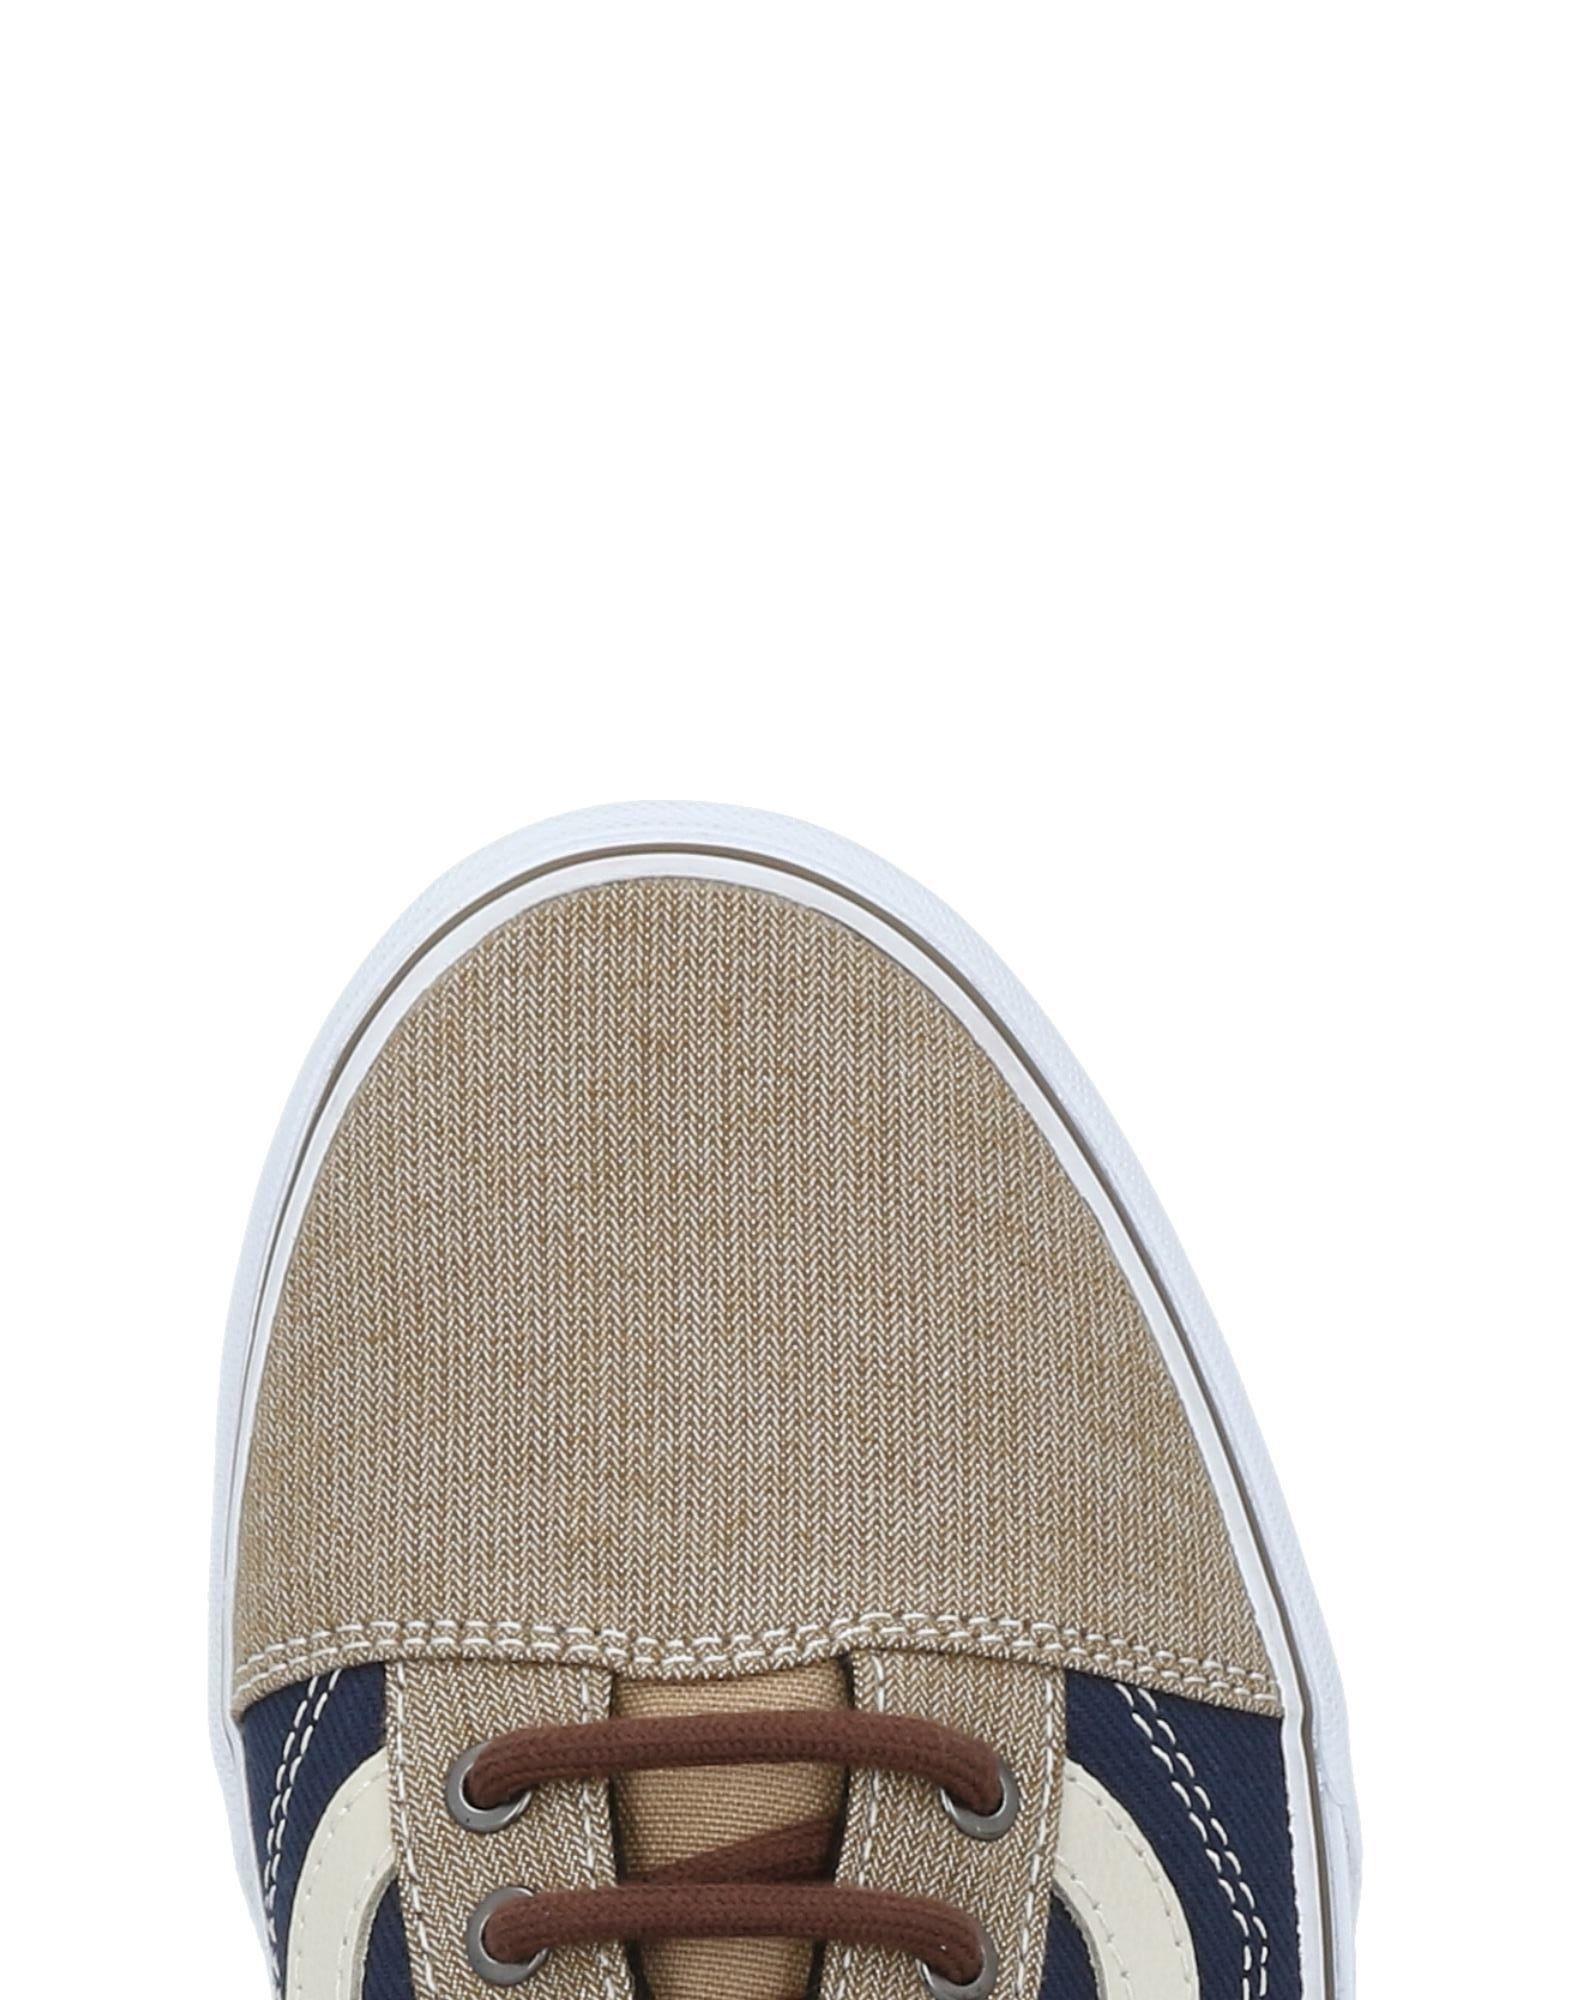 d905db5cfcfd5 ... Rabatt Vans echte Schuhe Vans Rabatt Sneakers Herren 11492349SW 6fd4b1